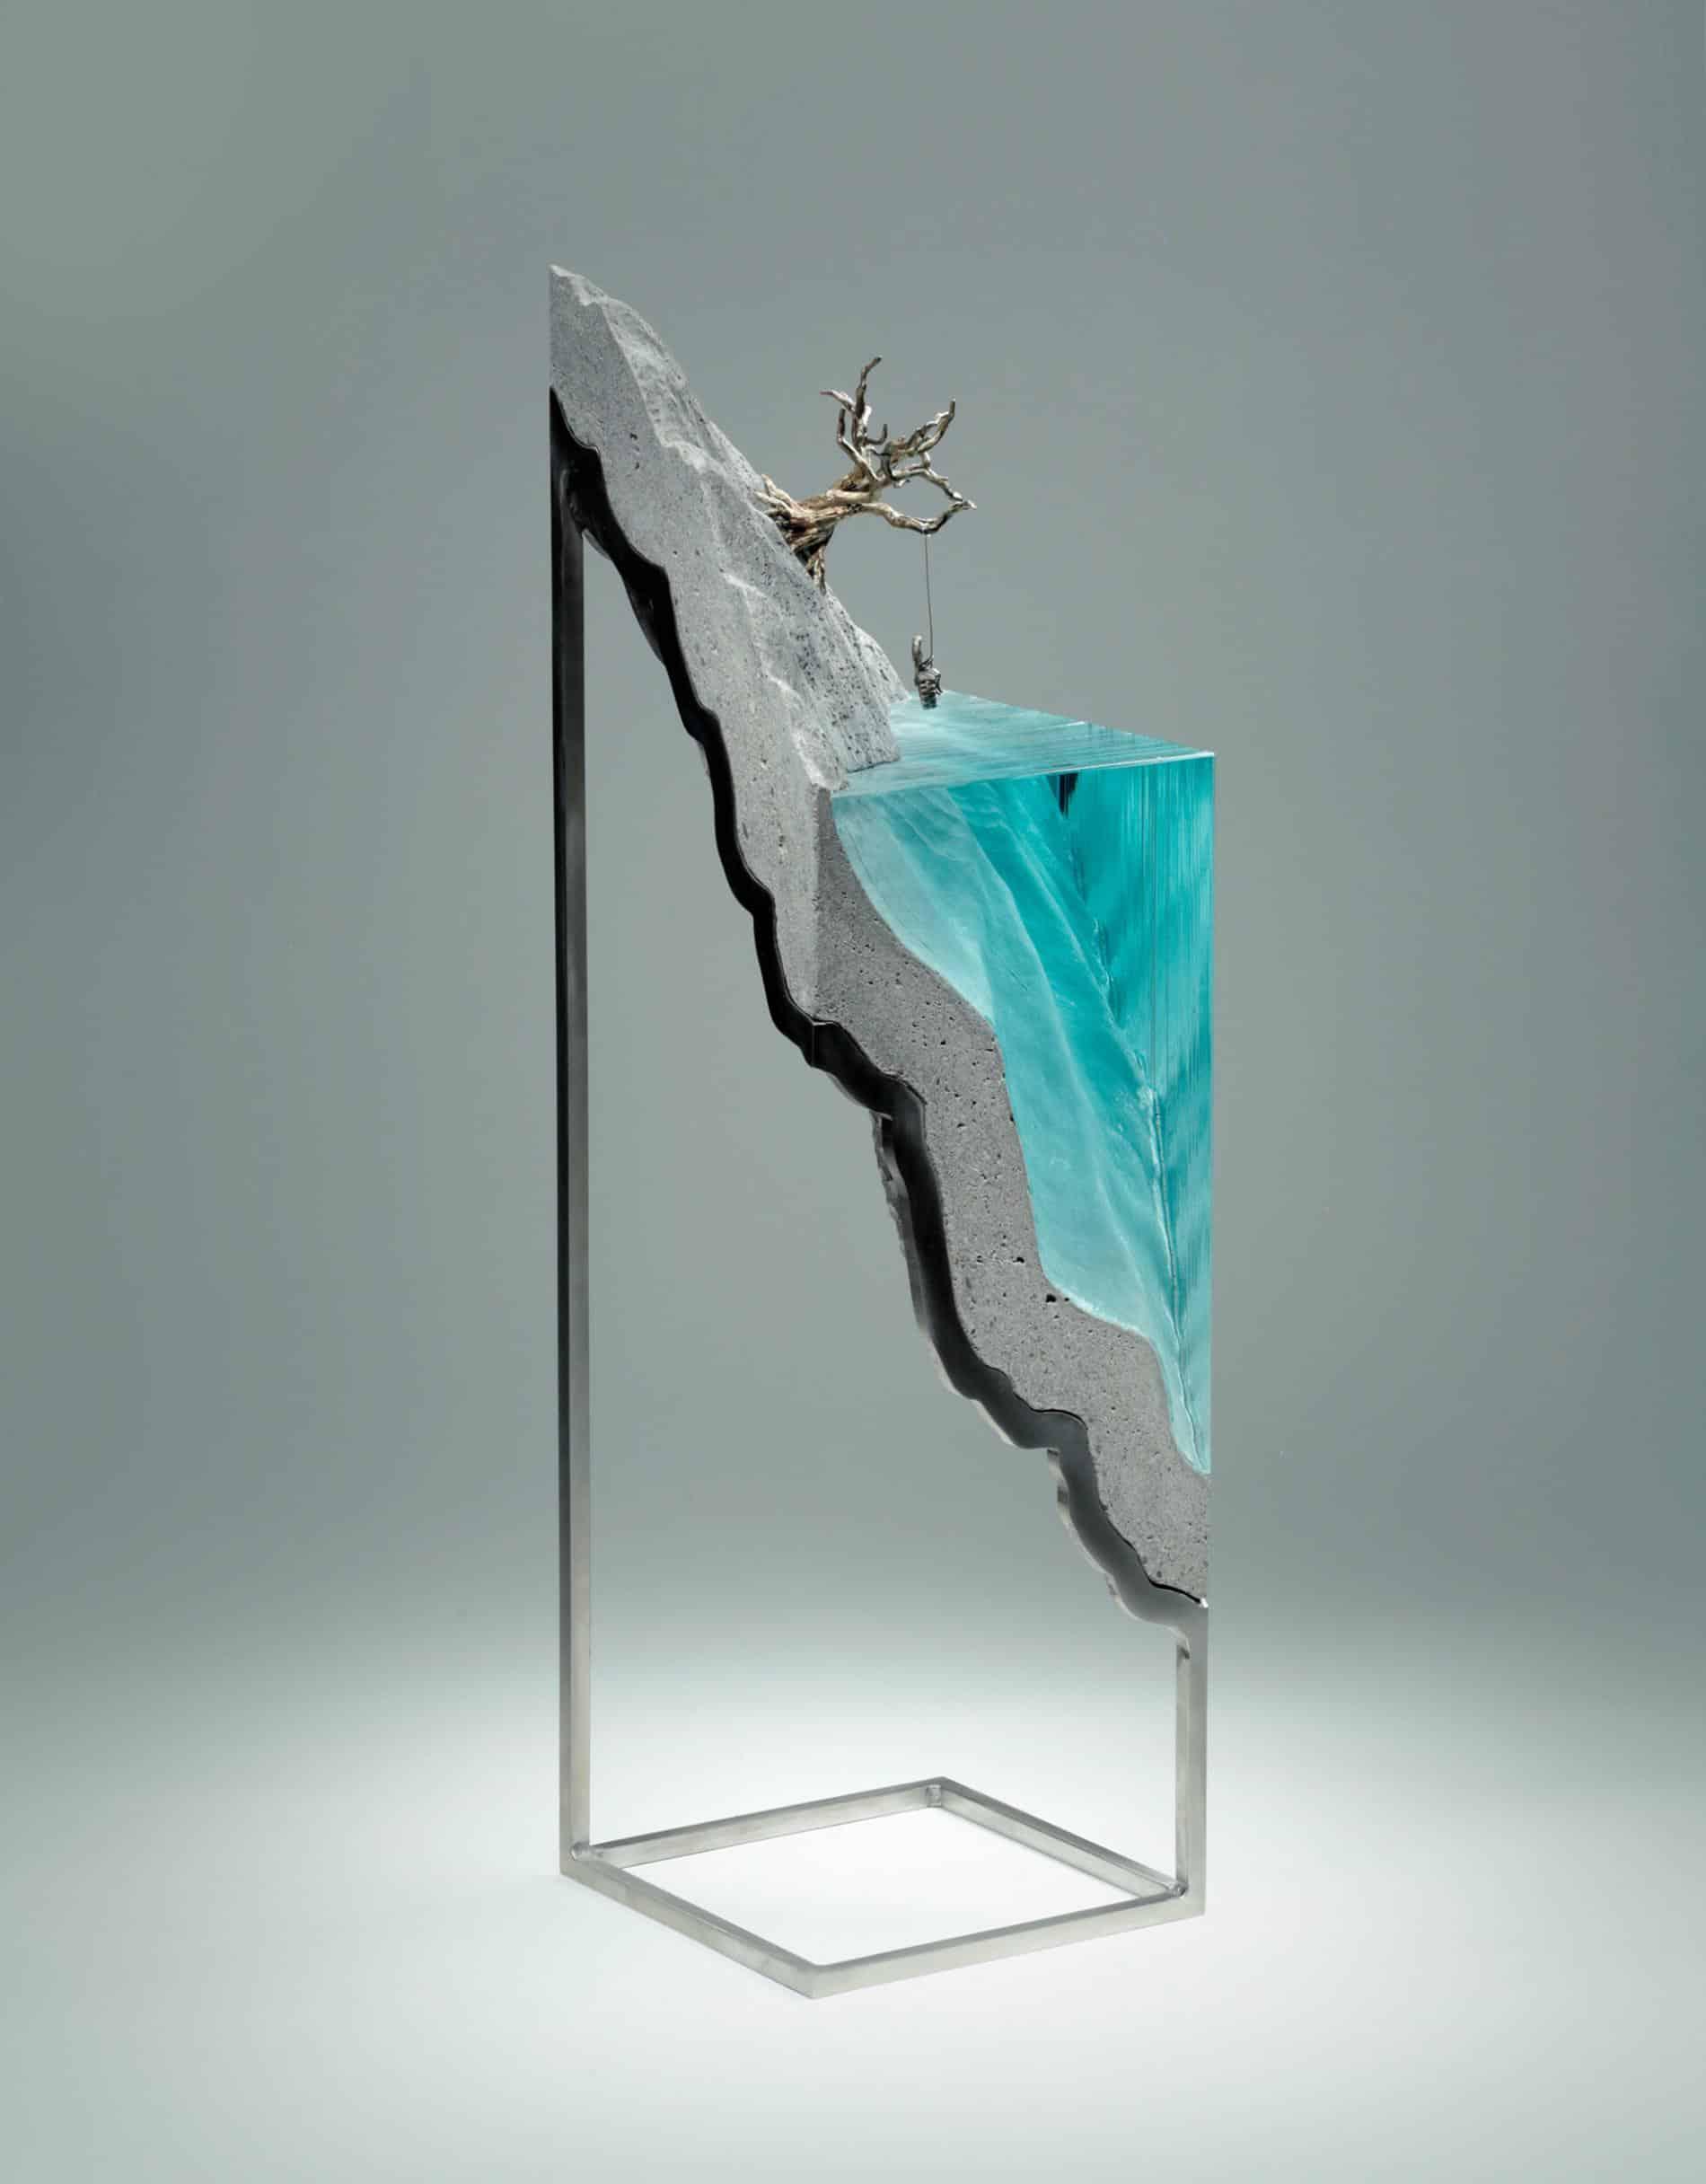 ben youn escultura vidrio arbol